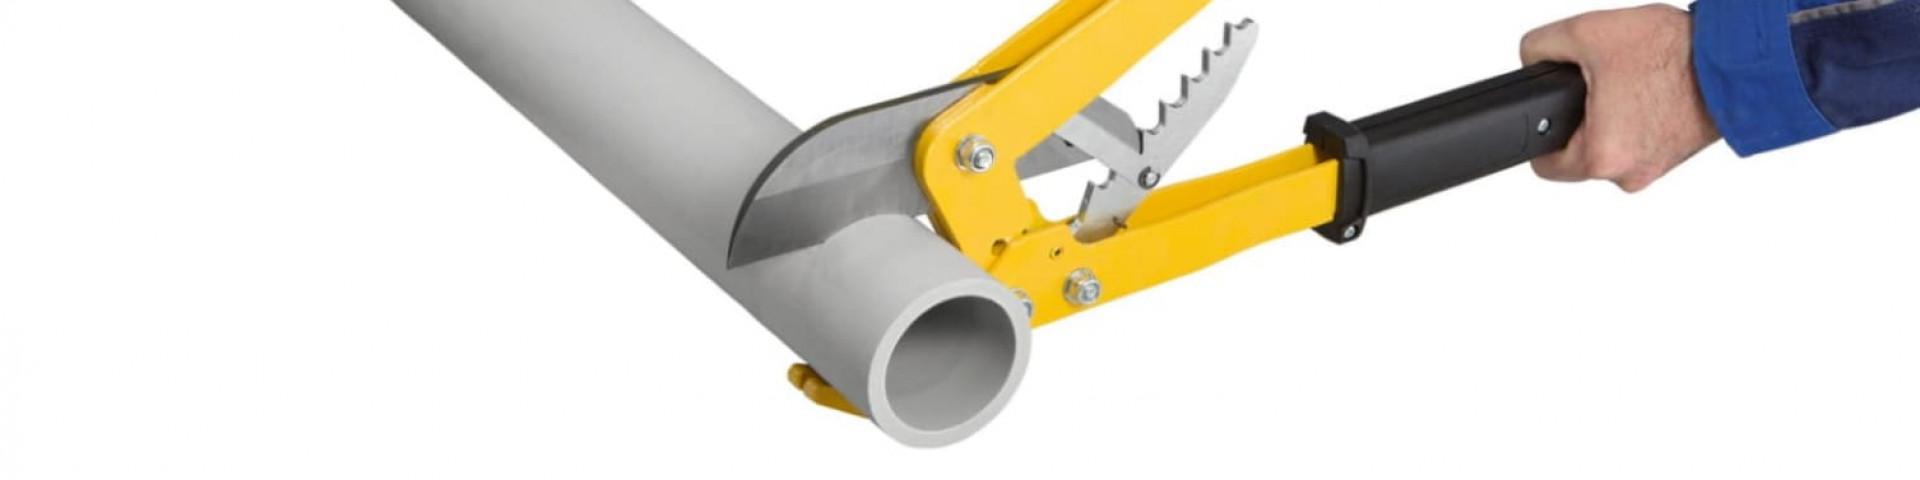 Берегите пальцы: рейтинг лучших ножниц для резки полипропиленовых труб в 2021 году